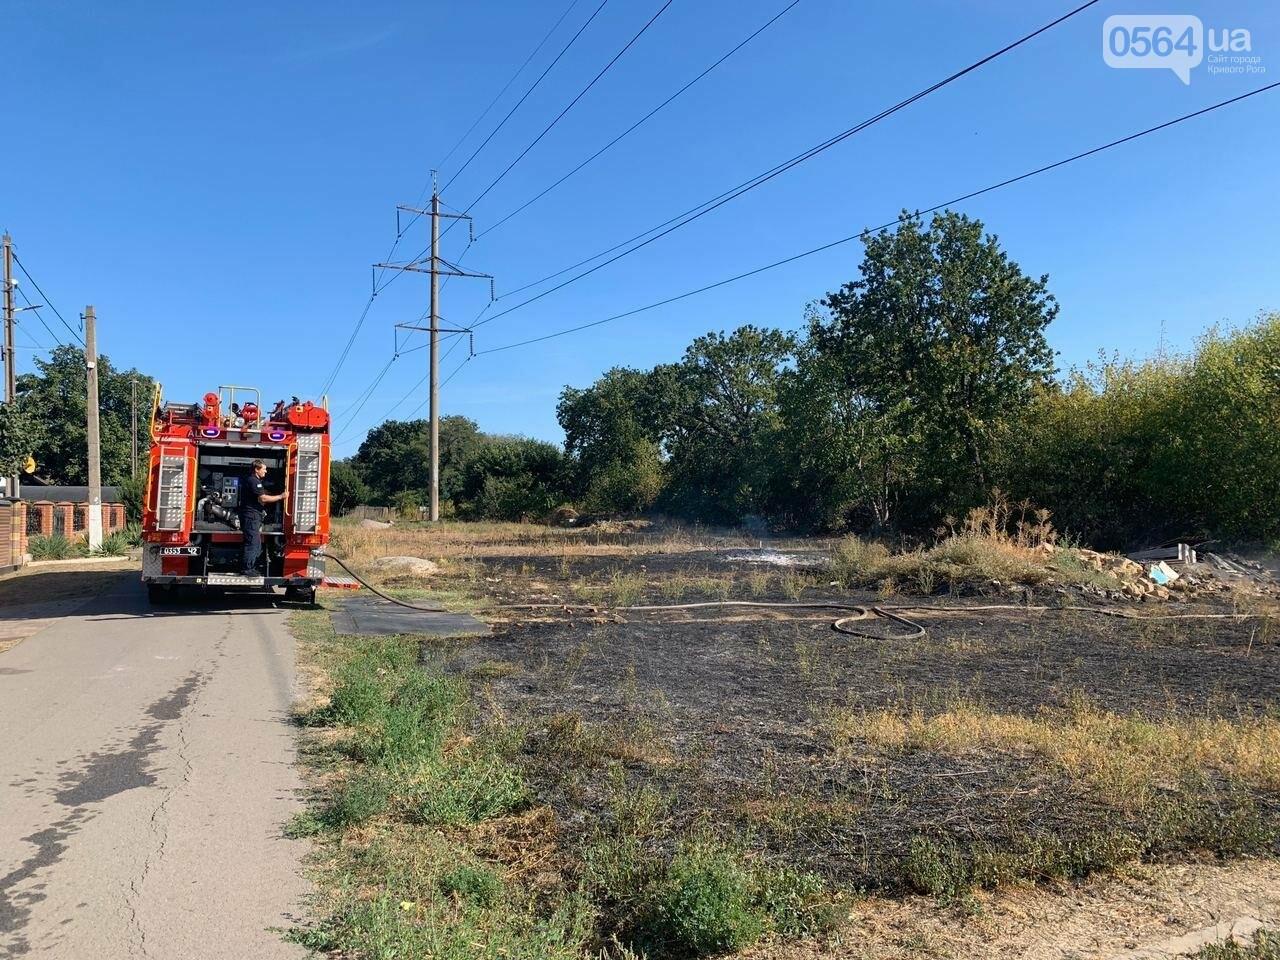 В Кривом Роге возле частного сектора произошел пожар в экосистеме, - ФОТО , фото-4